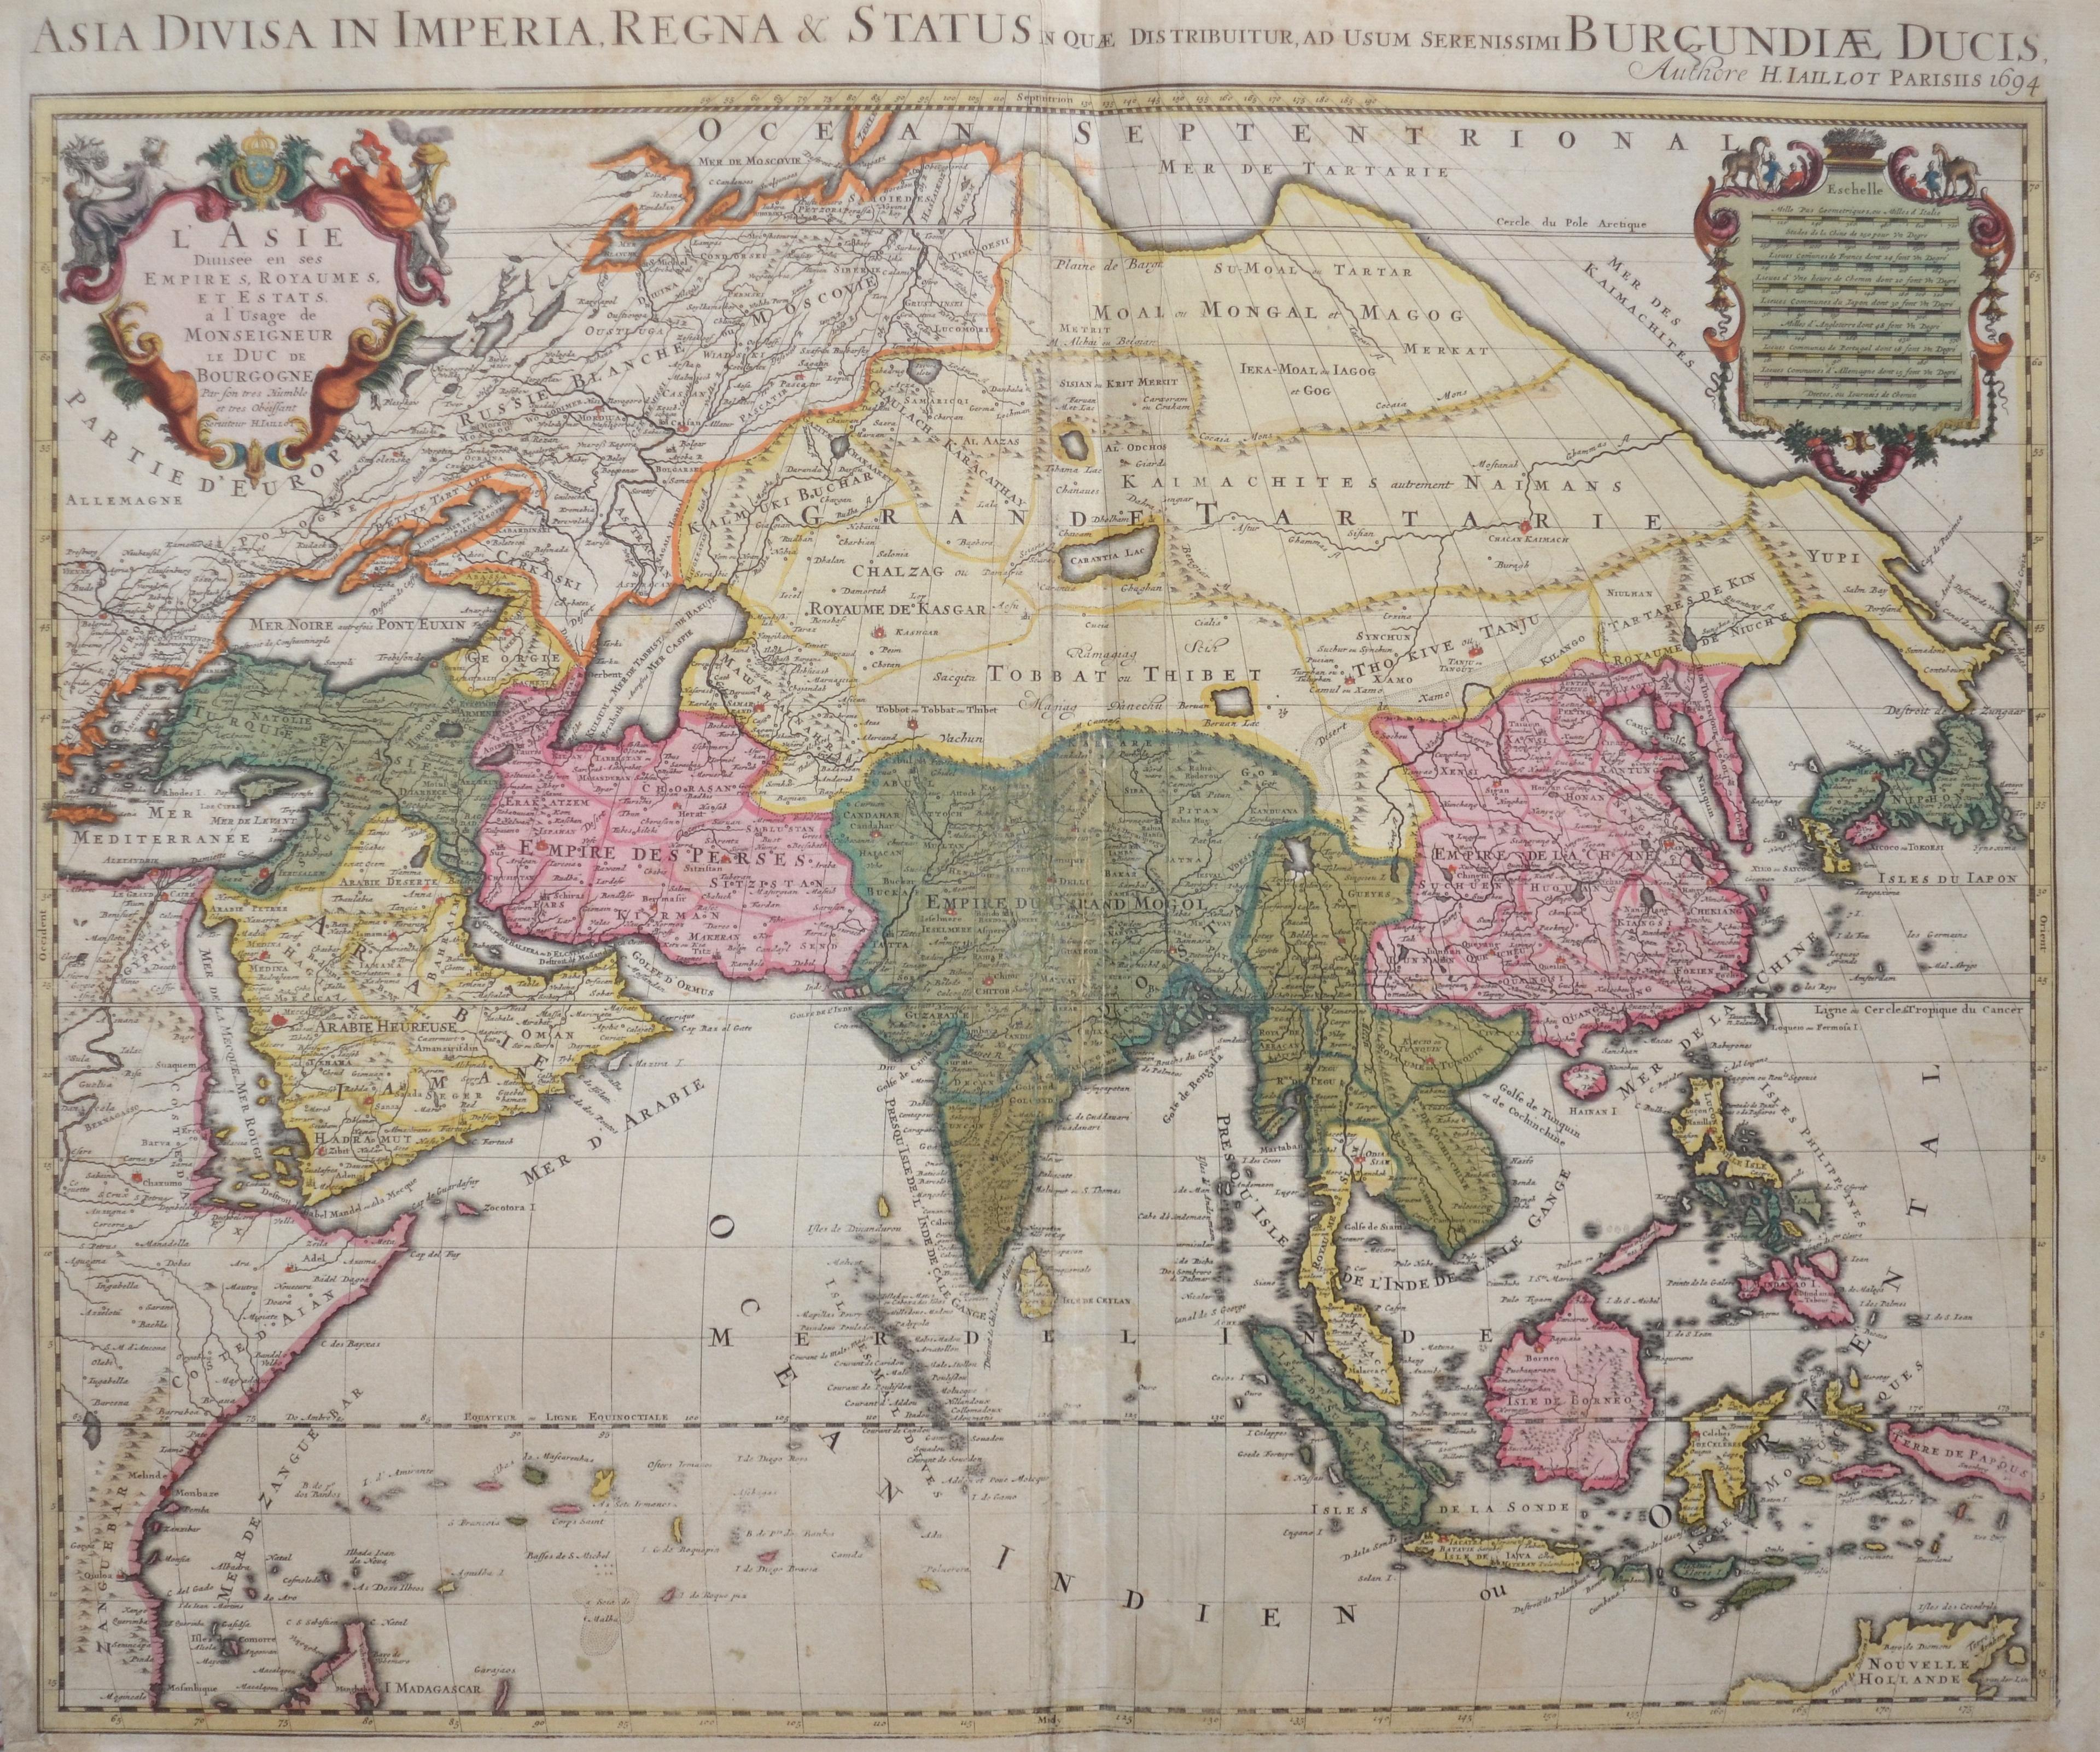 Jaillot Hubert Asia Divisa in Imperia, Regna & Status in que distribuitur, ad usum serenissimi Burgundiae Ducis,…